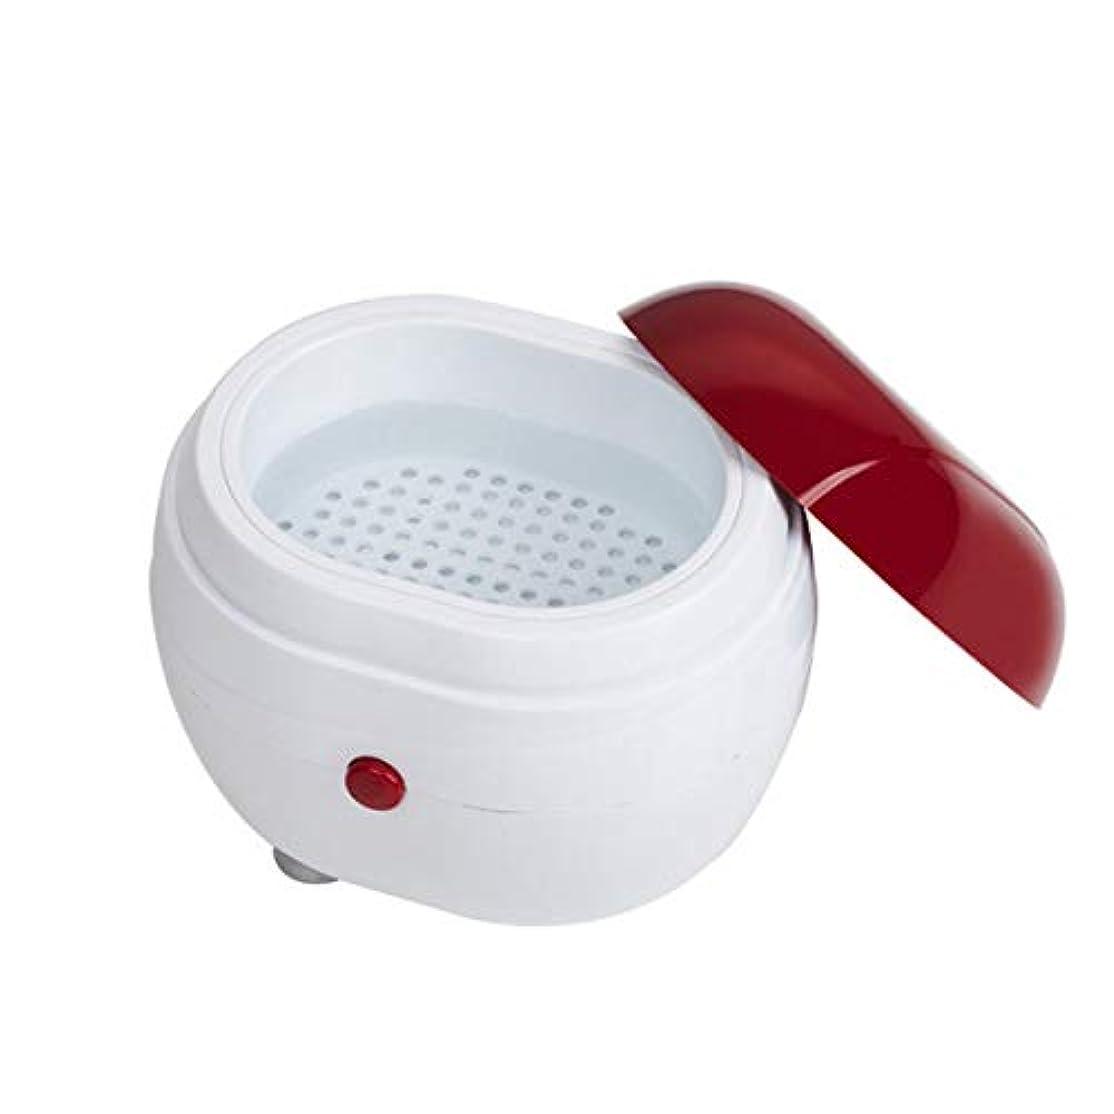 熱狂的な過去汚染されたポータブル超音波洗濯機家庭用ジュエリーレンズ時計入れ歯クリーニング機洗濯機クリーナークリーニングボックス - 赤&白